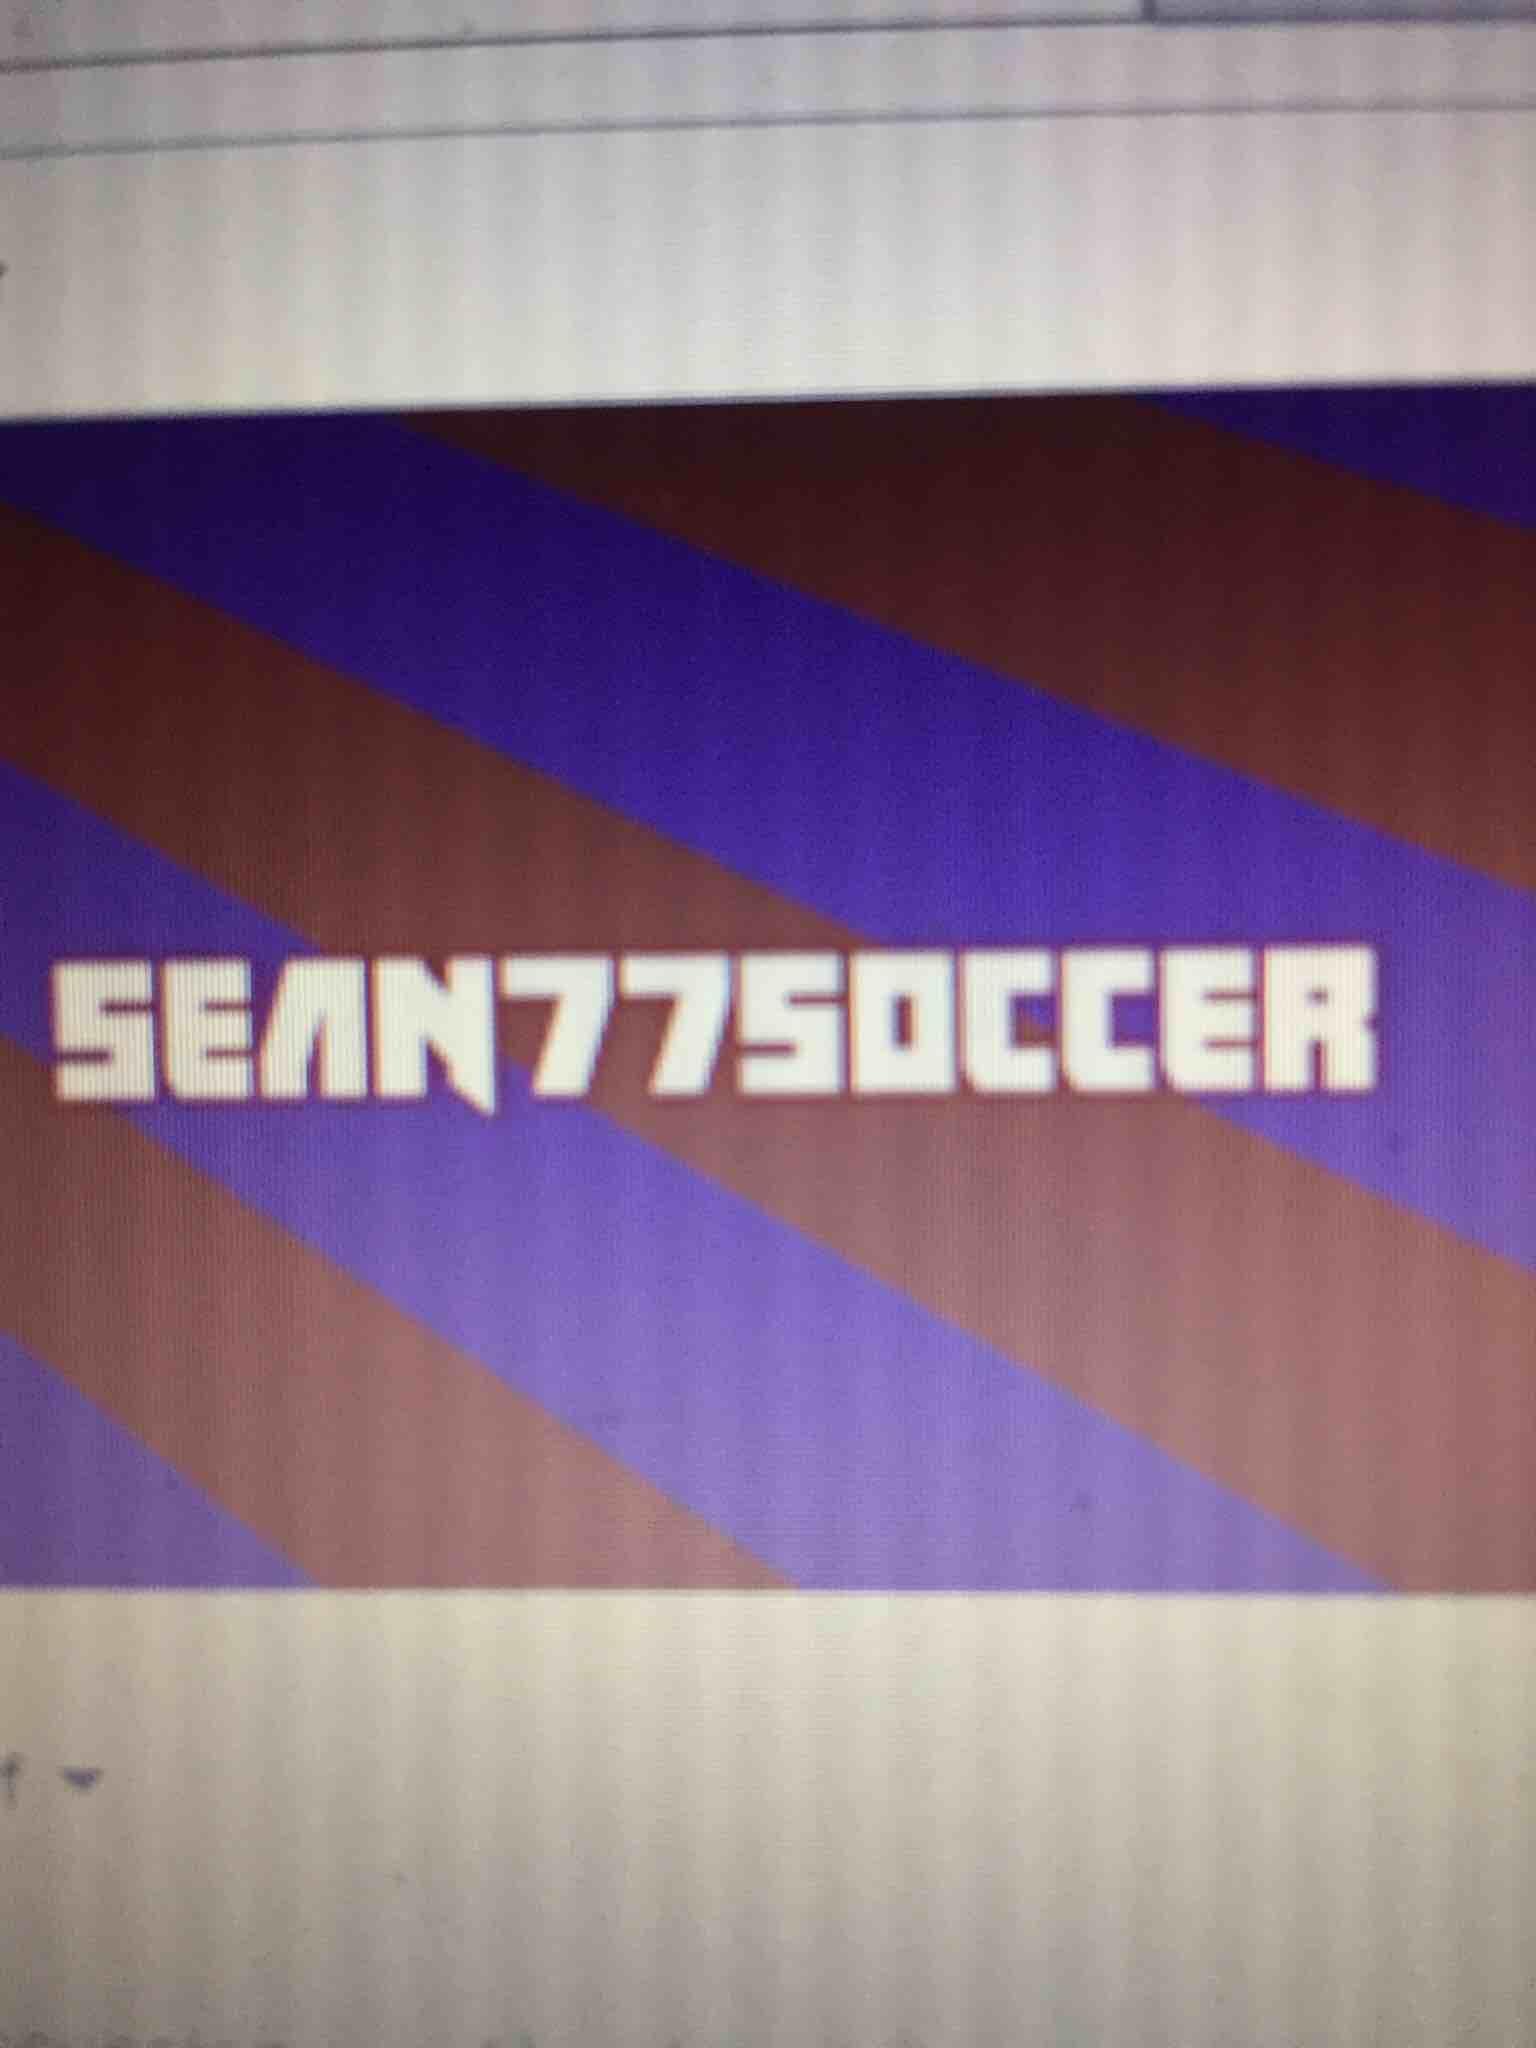 Sean77soccer Games